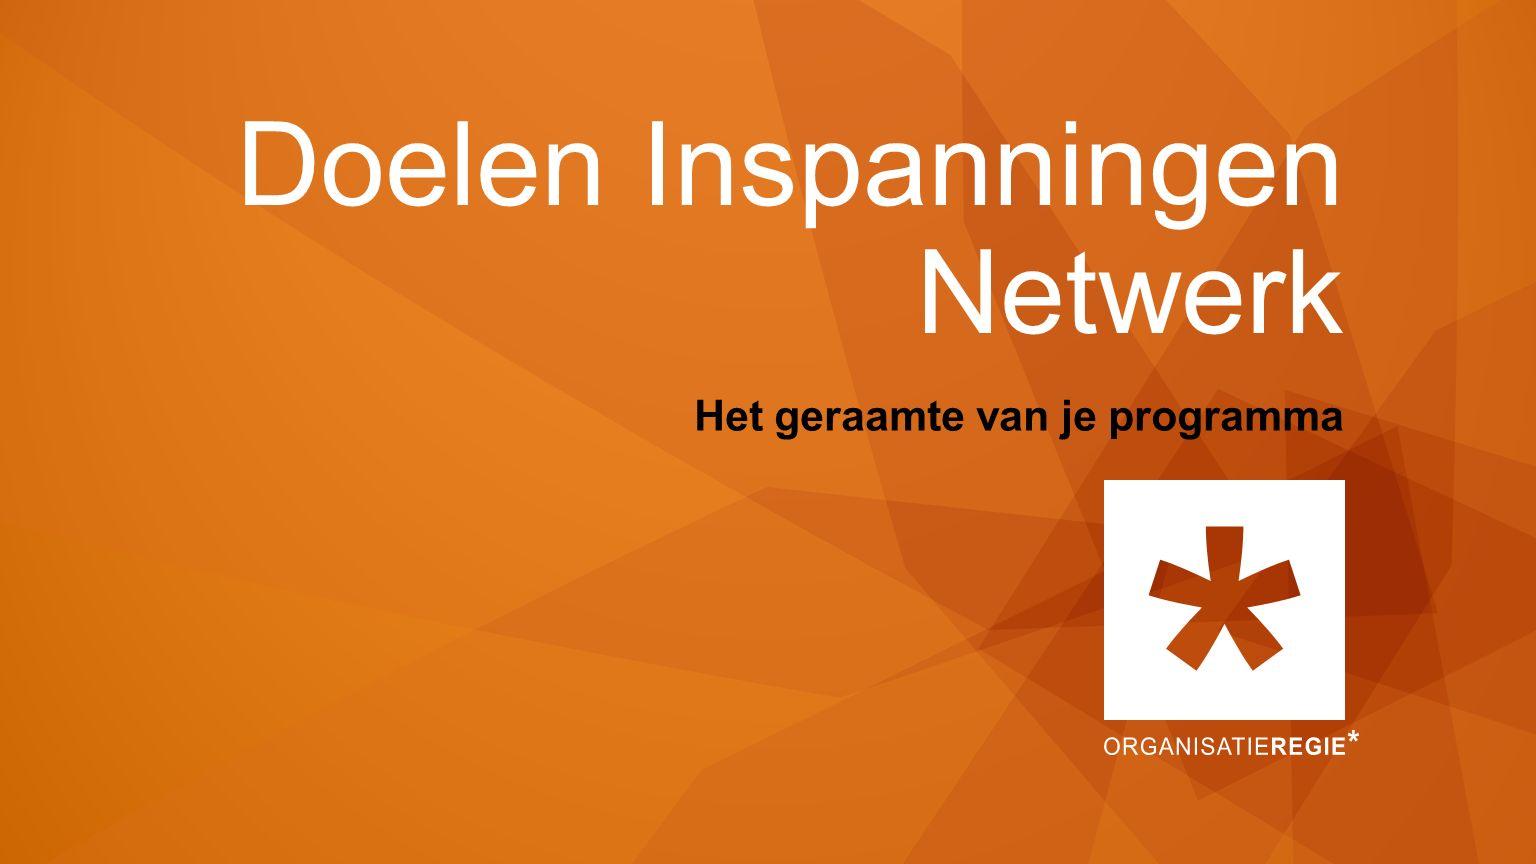 Doelen Inspanningen Netwerk